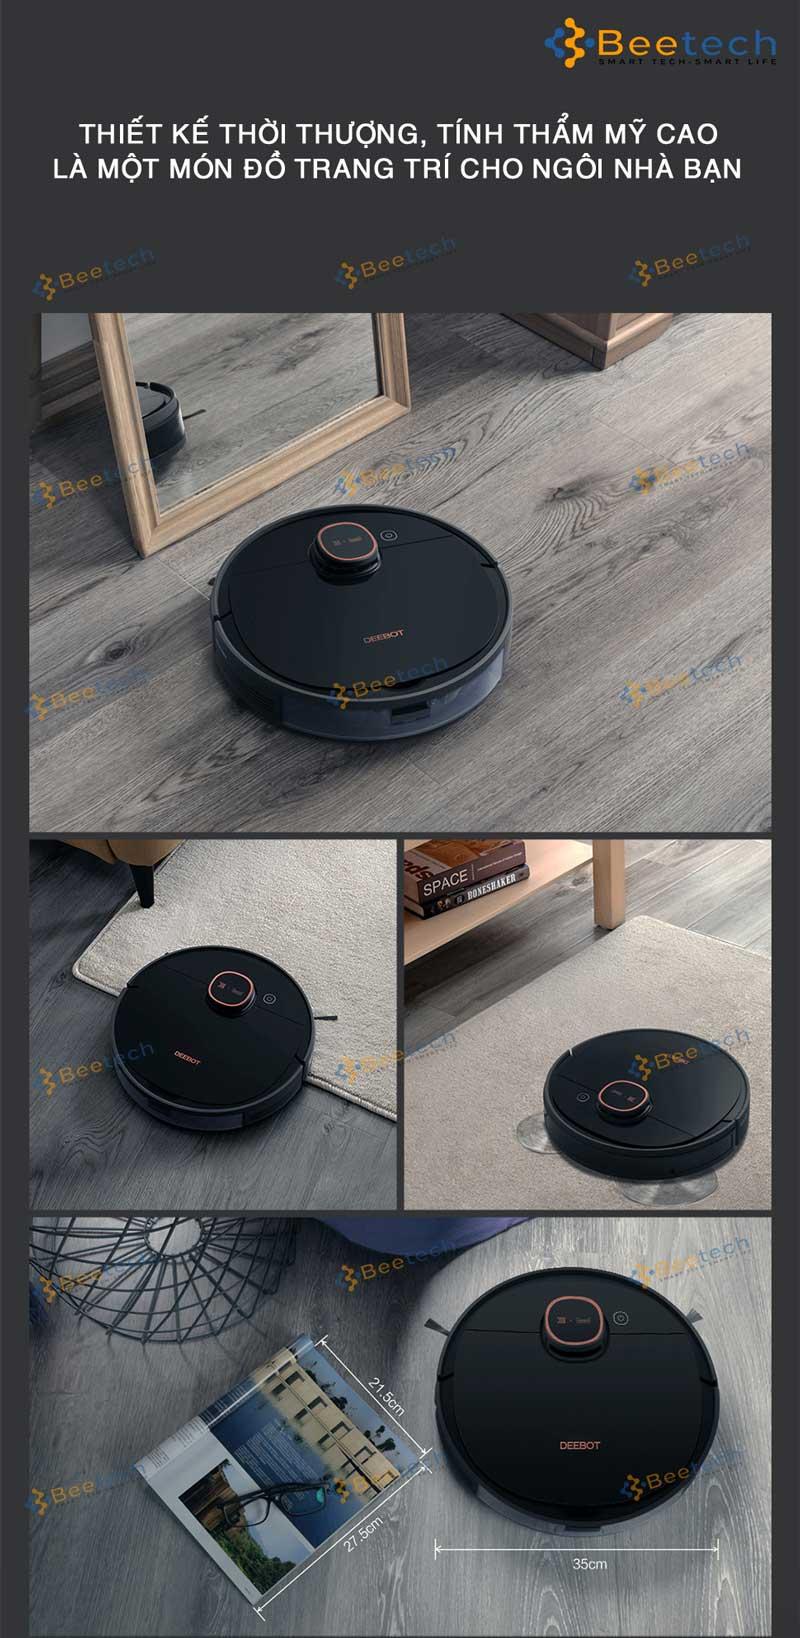 Robot hút bụi Ecovacs Deebot T5 Max